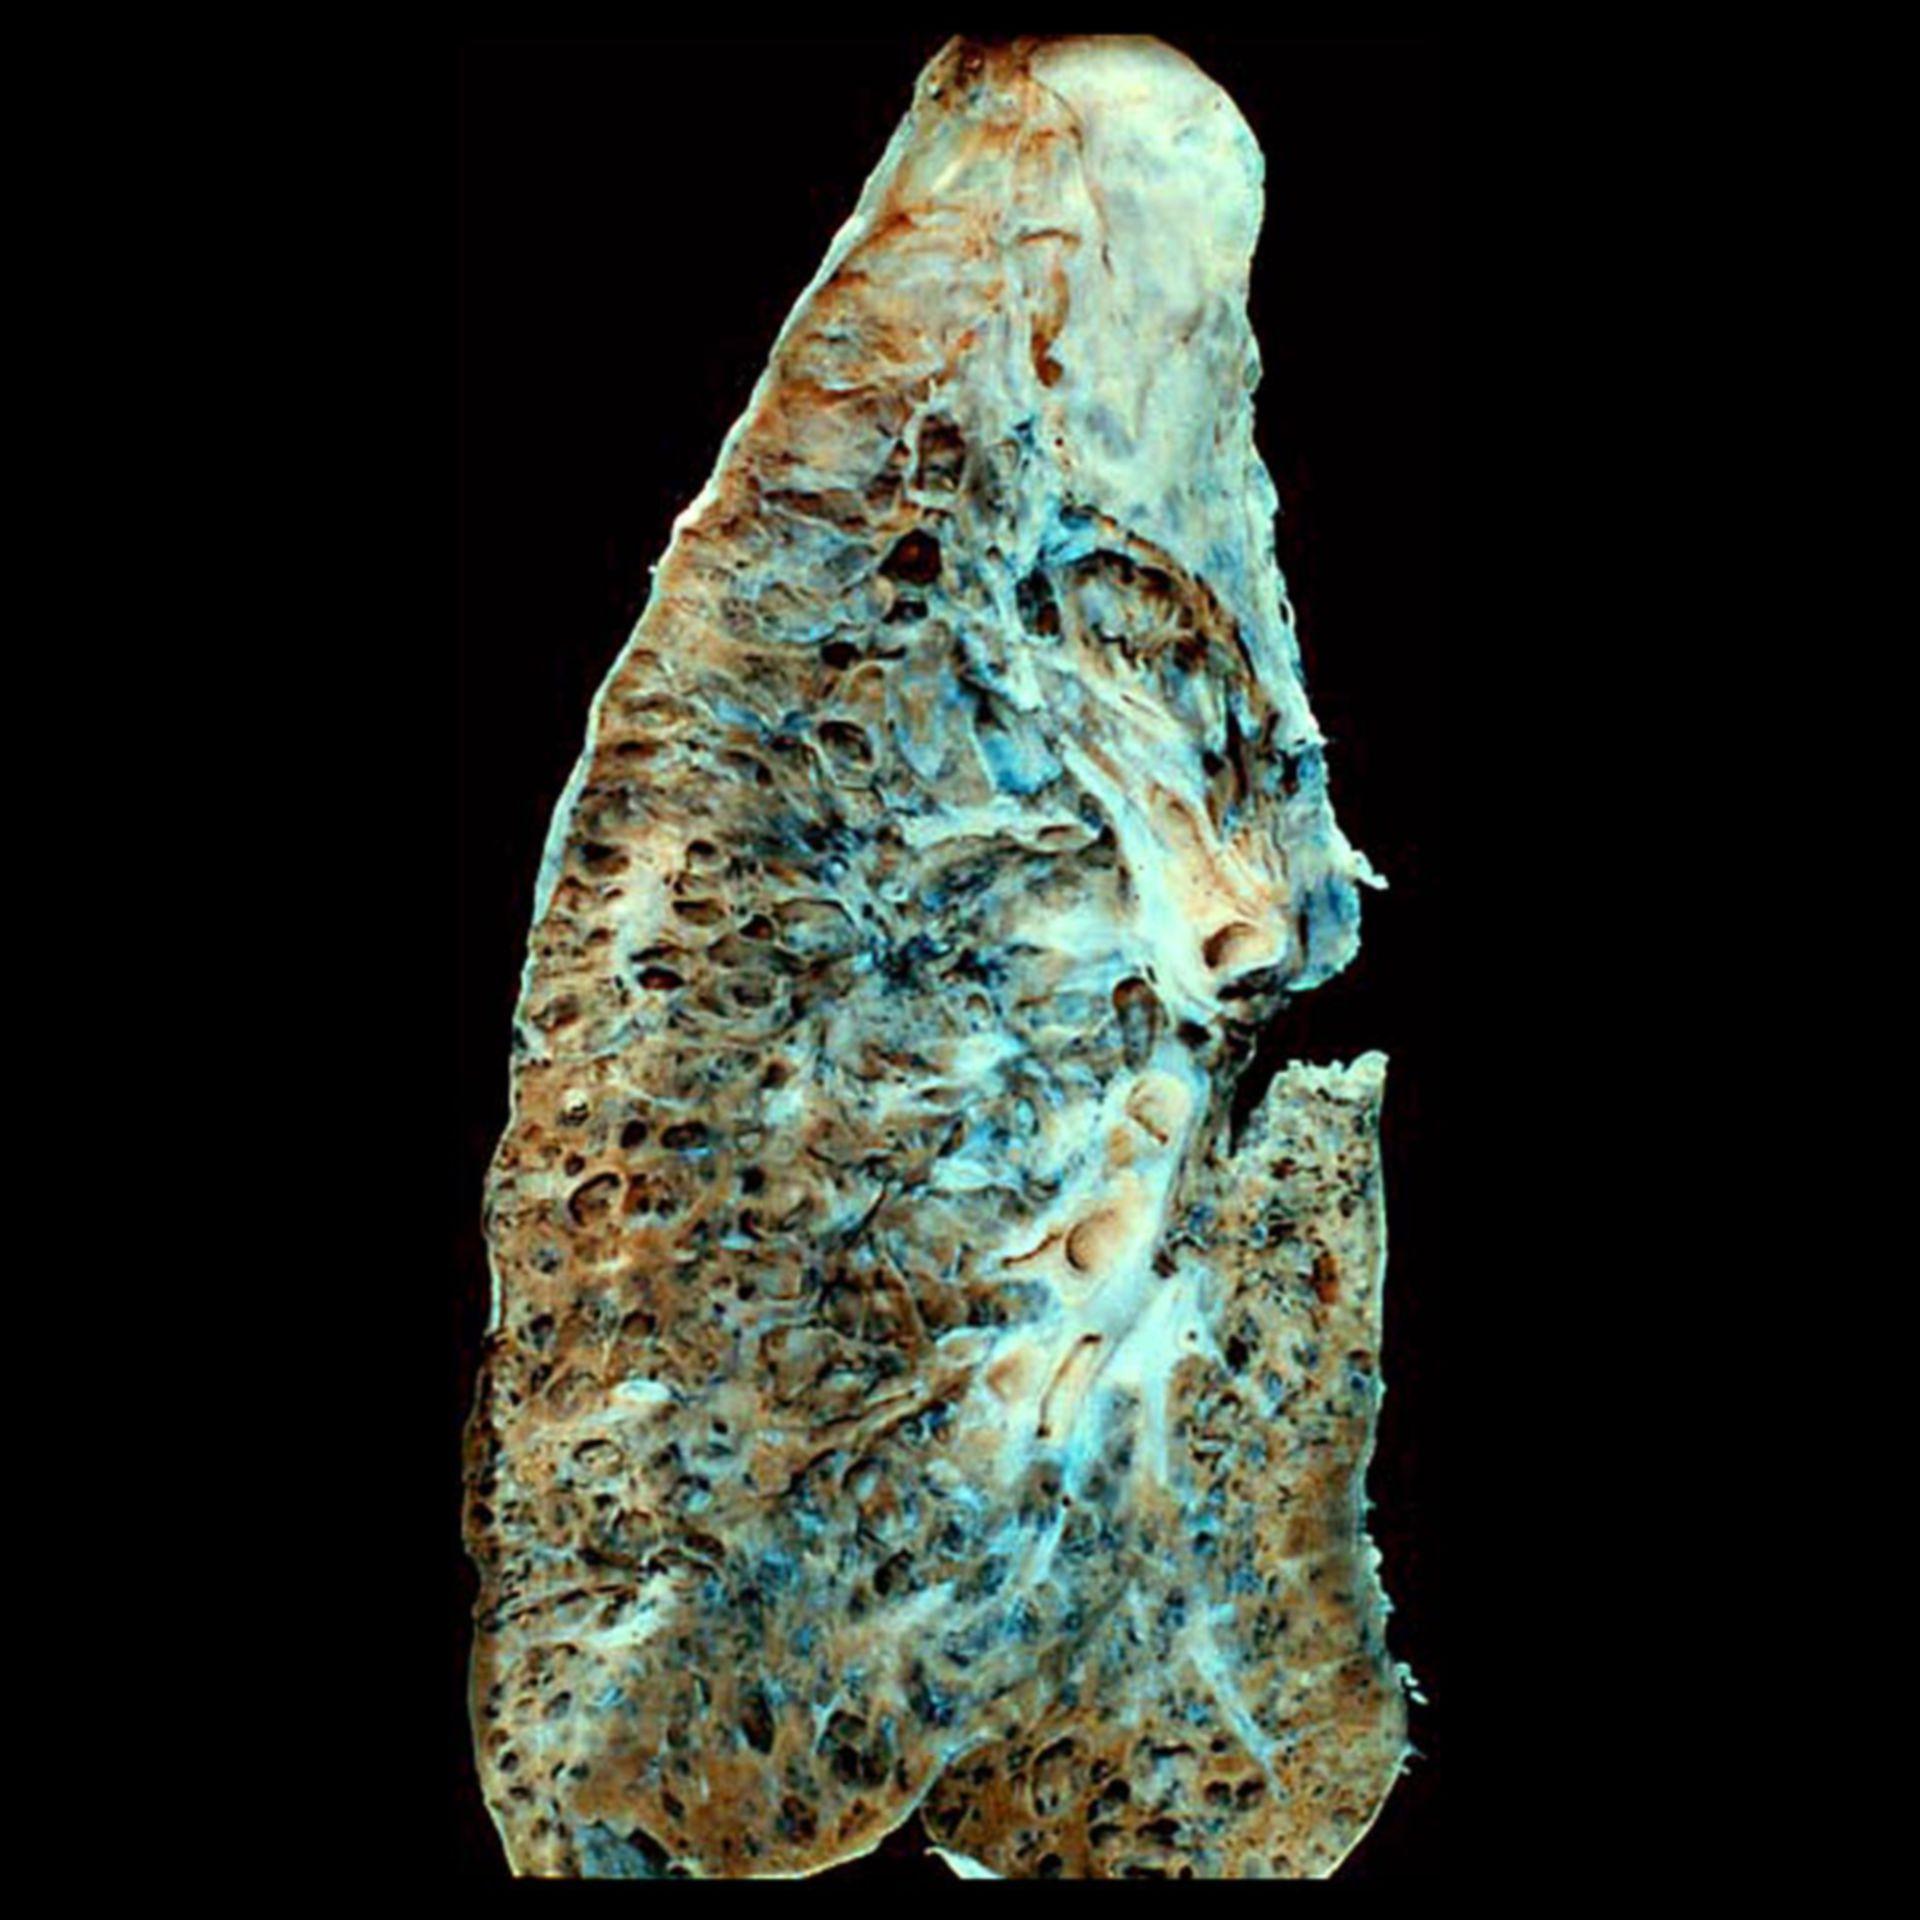 Honigwabenlunge (Lungen-Fibrose im Endstadium, Autopsie-Präparat)